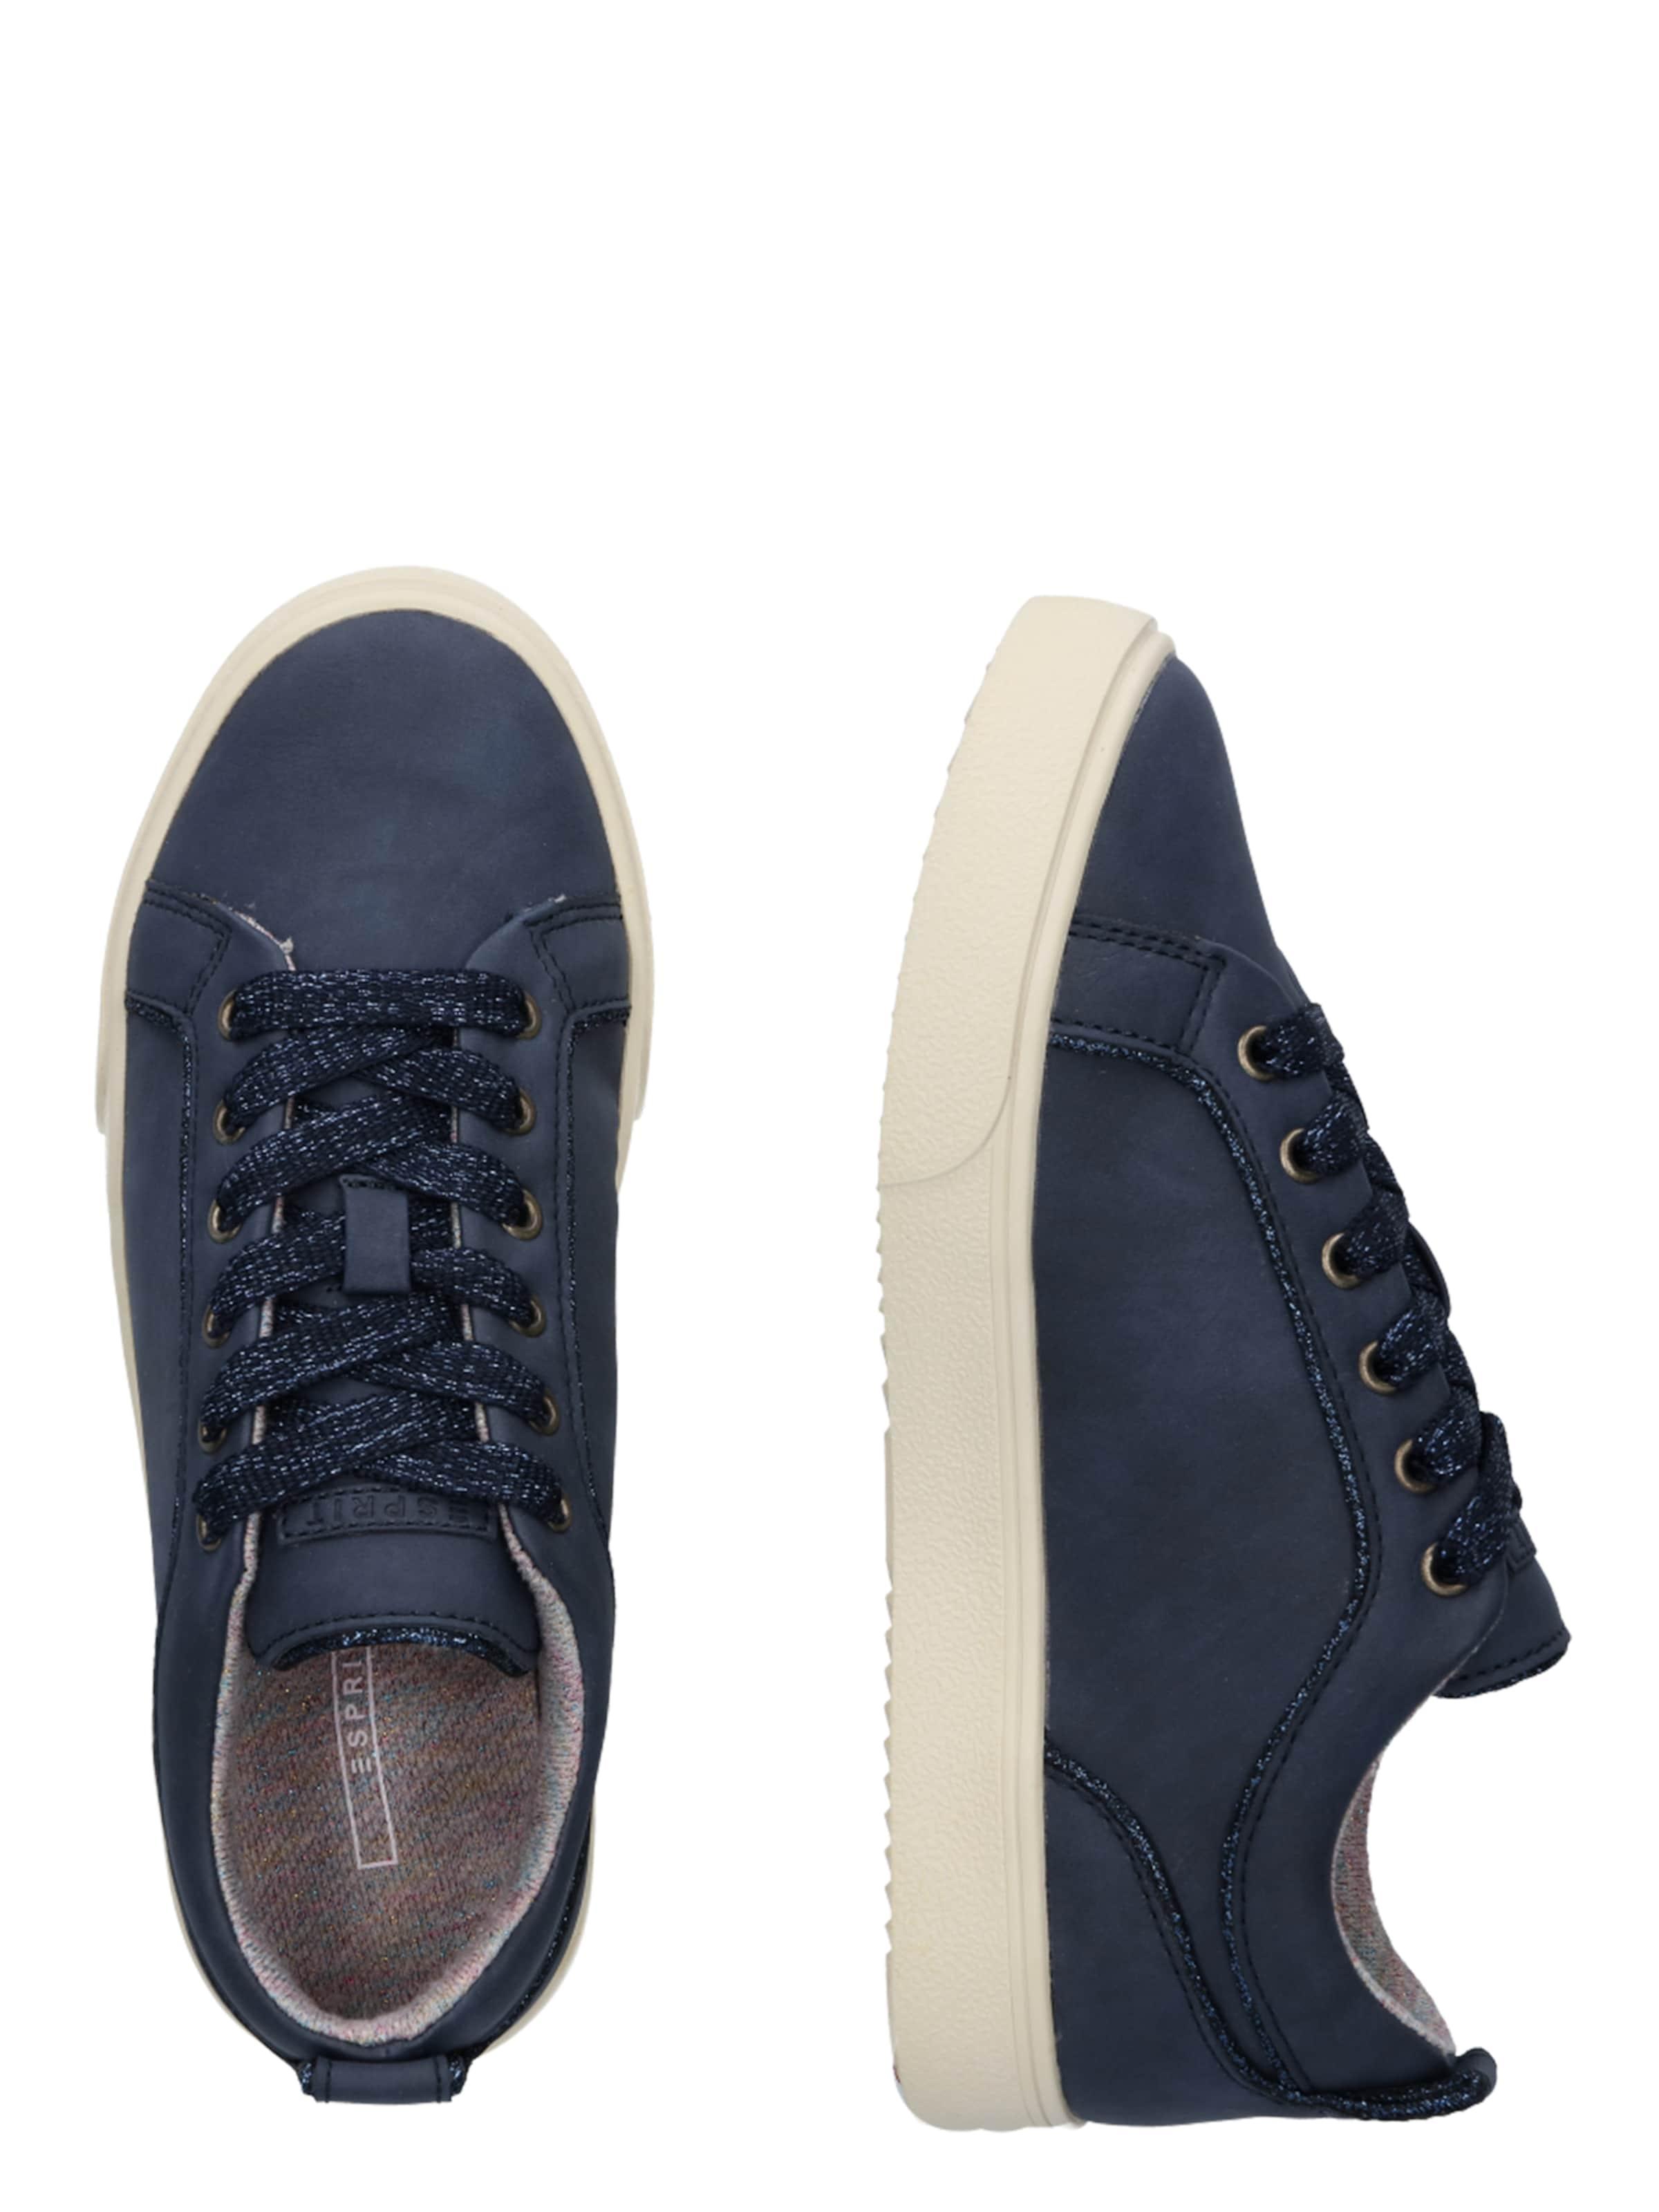 Navy Esprit Cherry In Sneakers Low vNmn0wO8